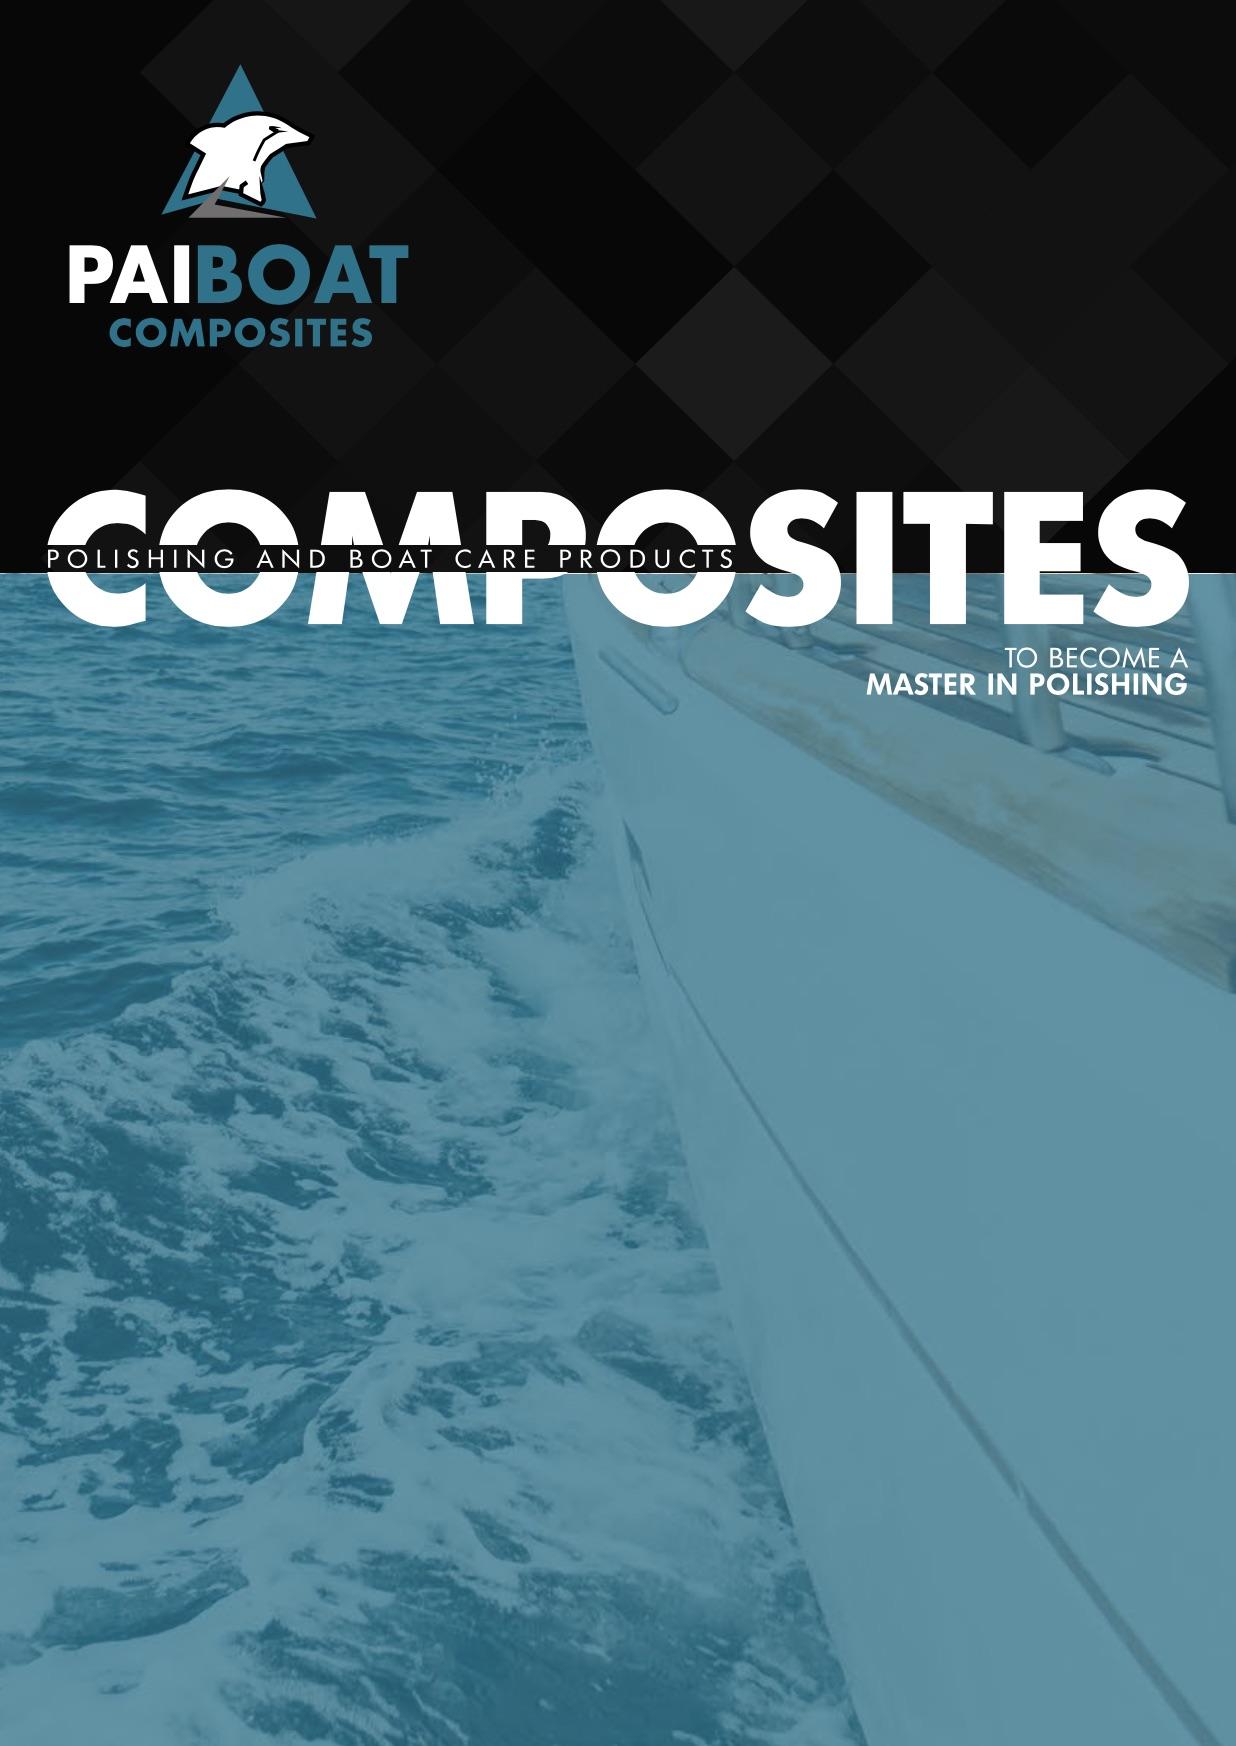 Catalogue Pai Boat Composites - pai cristal